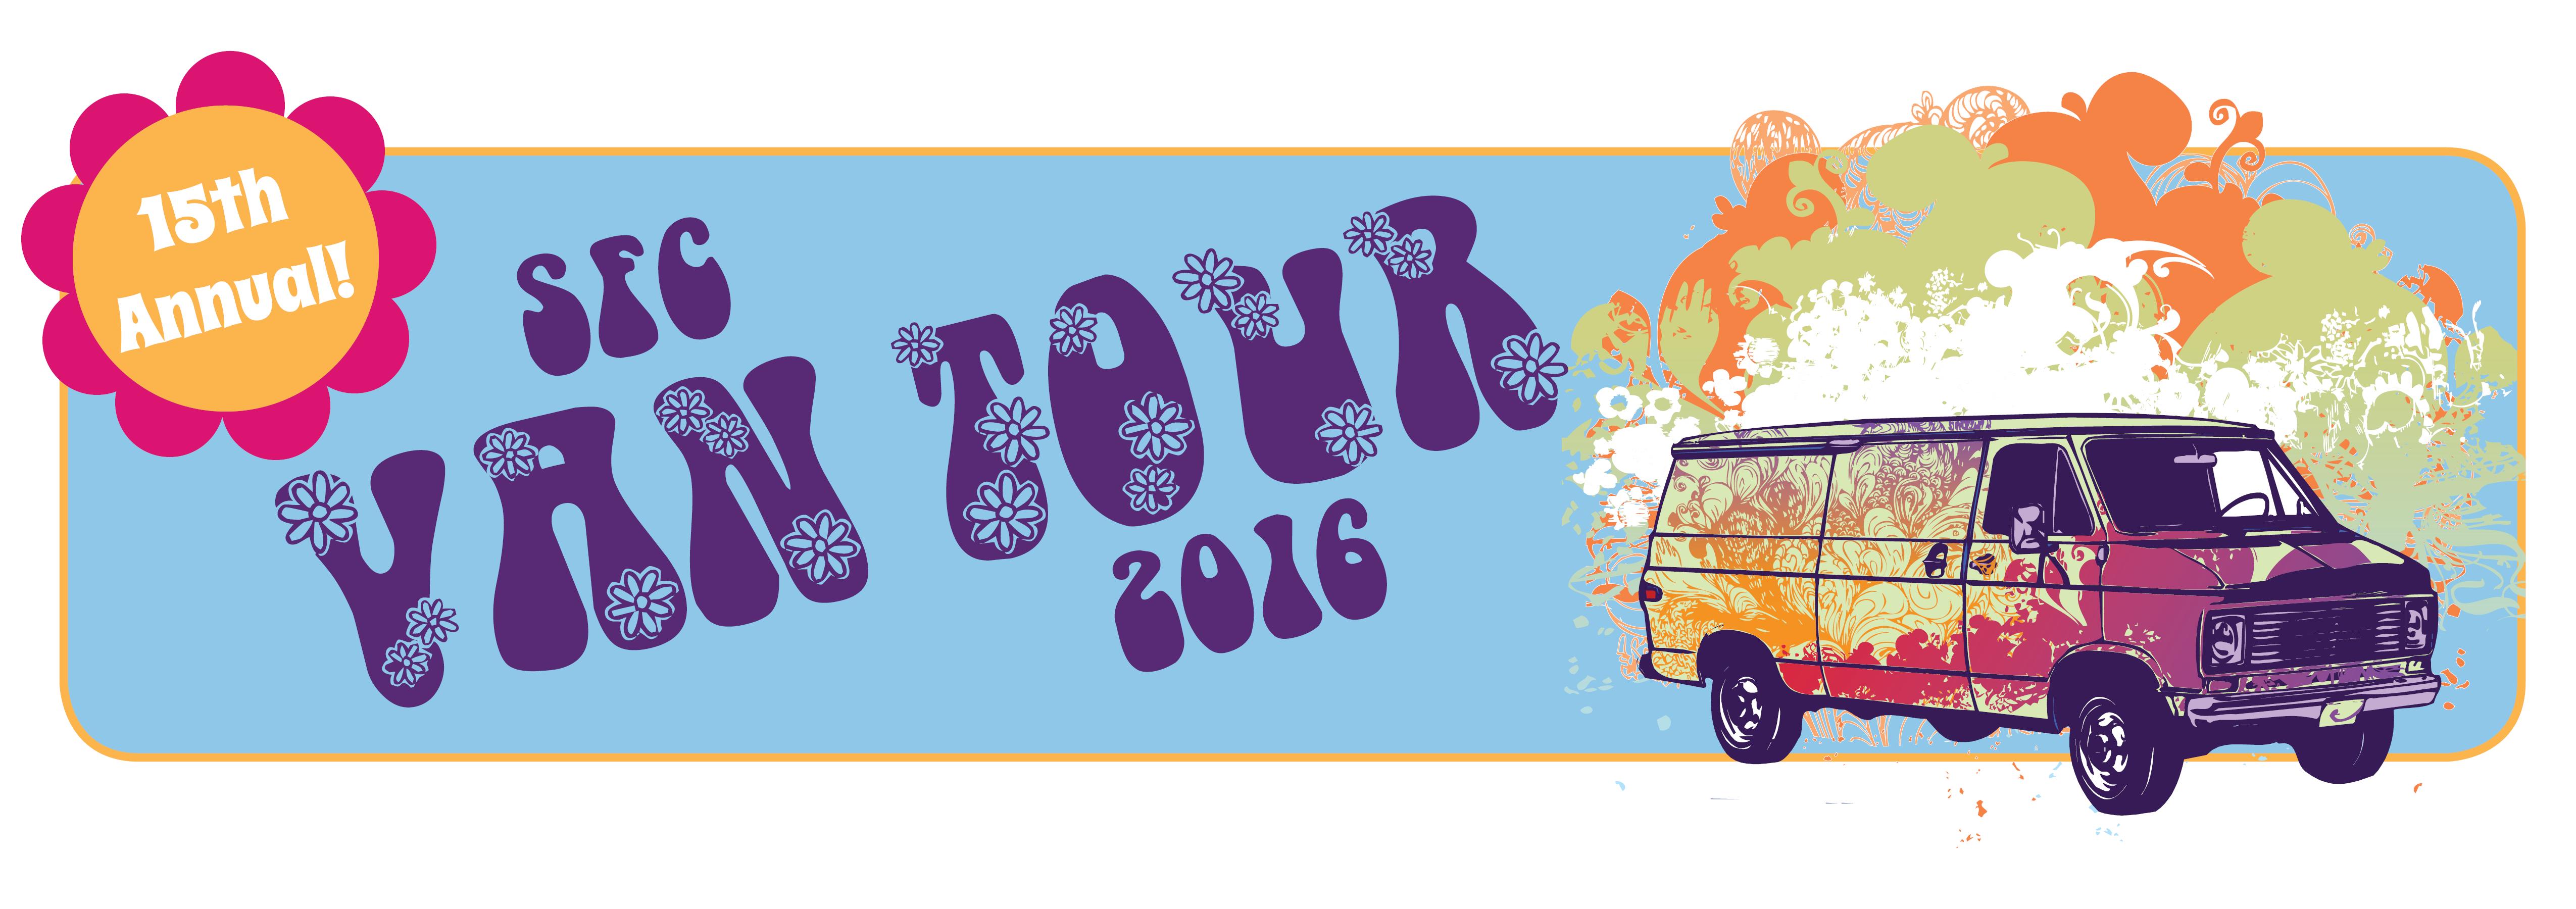 Van Tour 2016 website banner